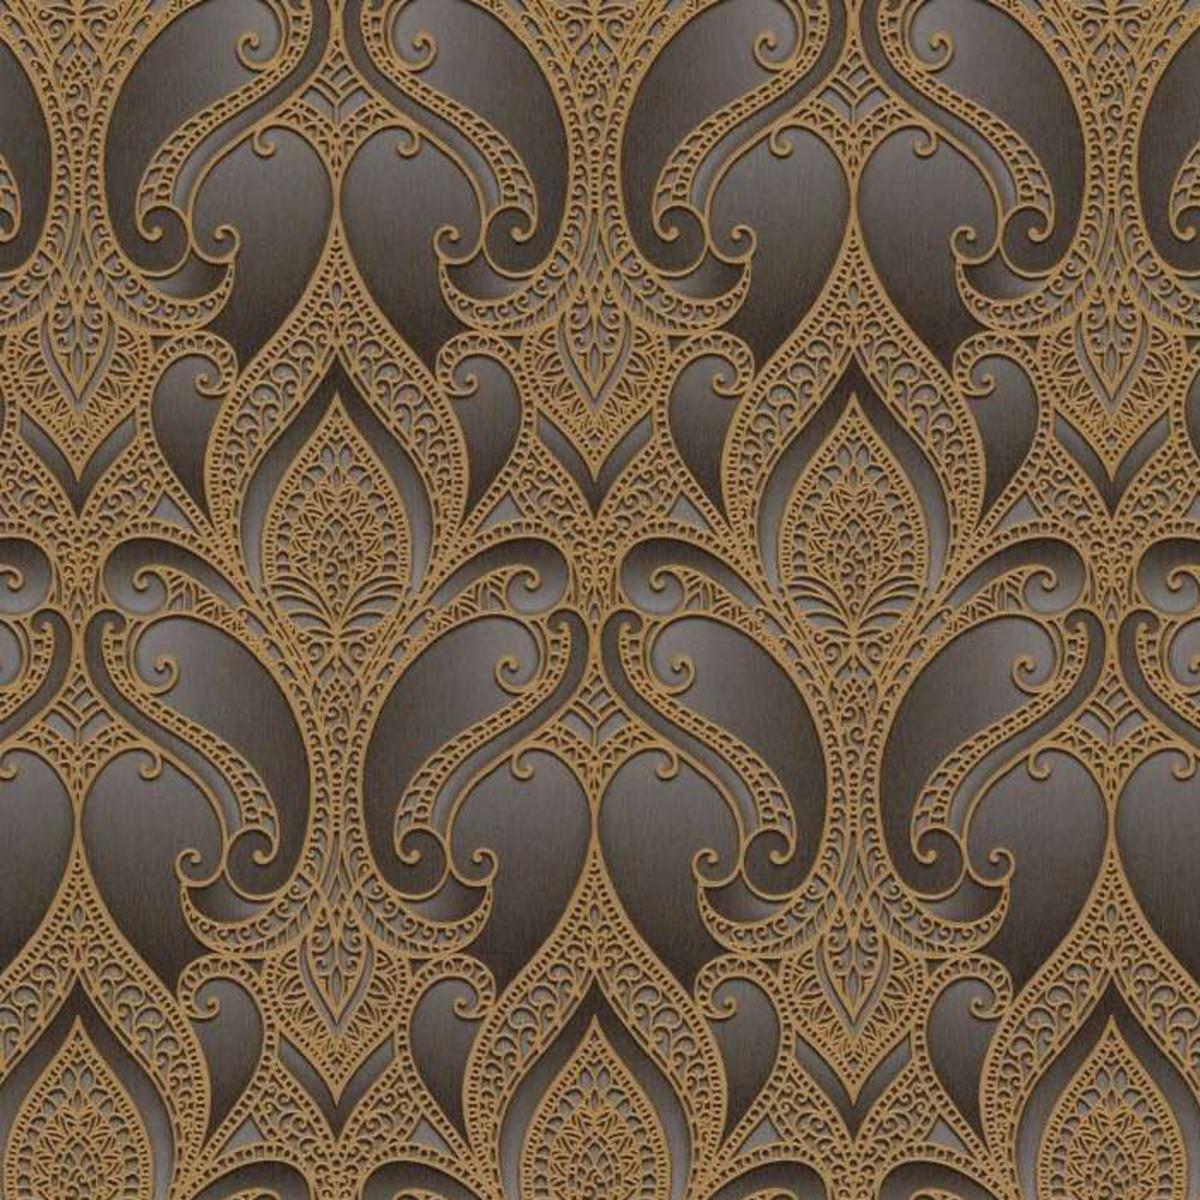 Обои флизелиновые Prestigecolor коричневые 1.06 м 0742-48